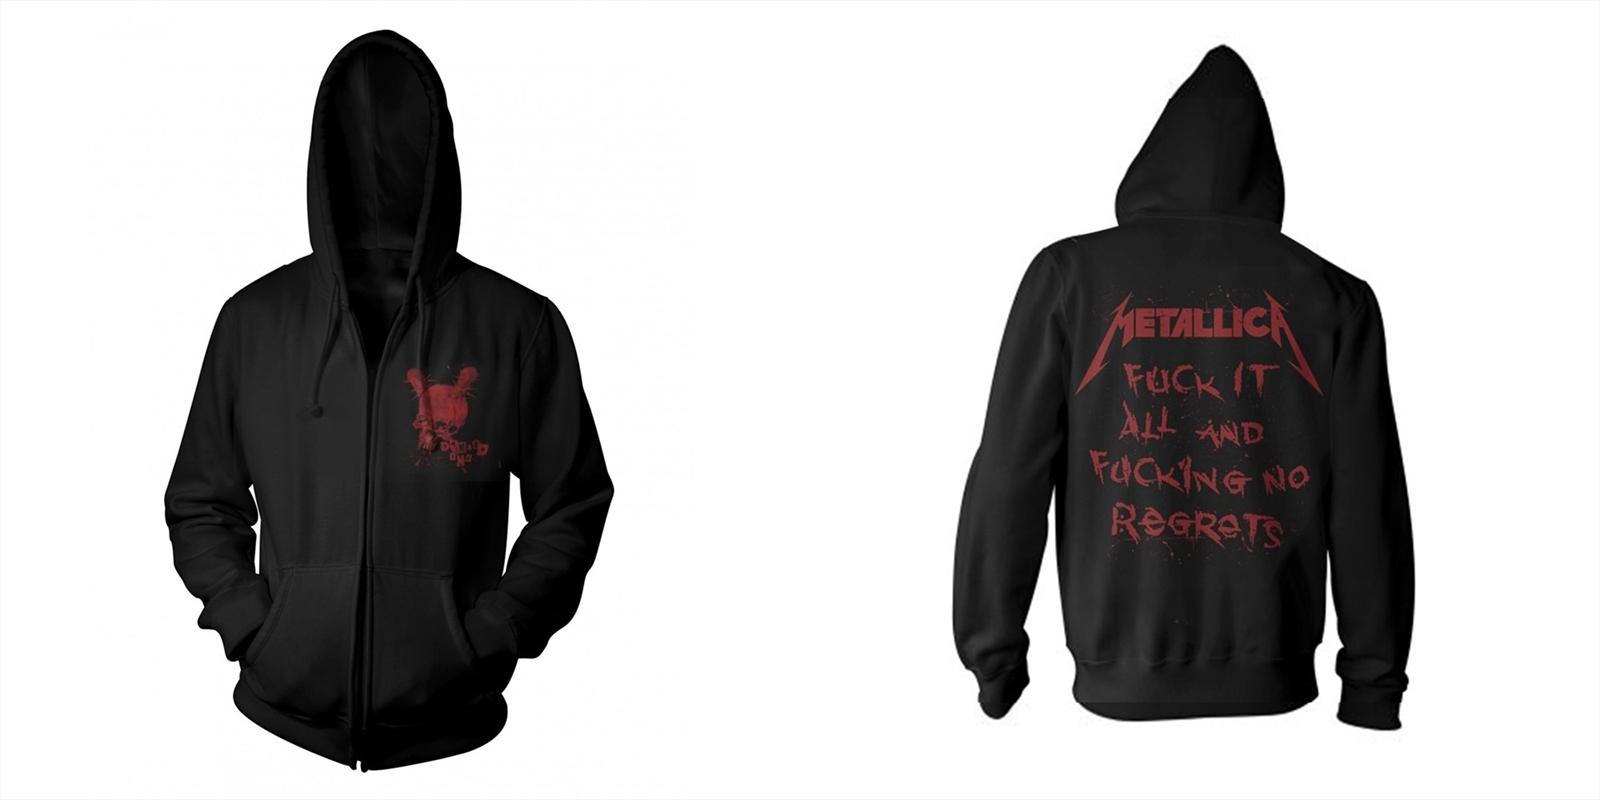 Metallica - No Regrets: Sweatshirt: S | Merchandise